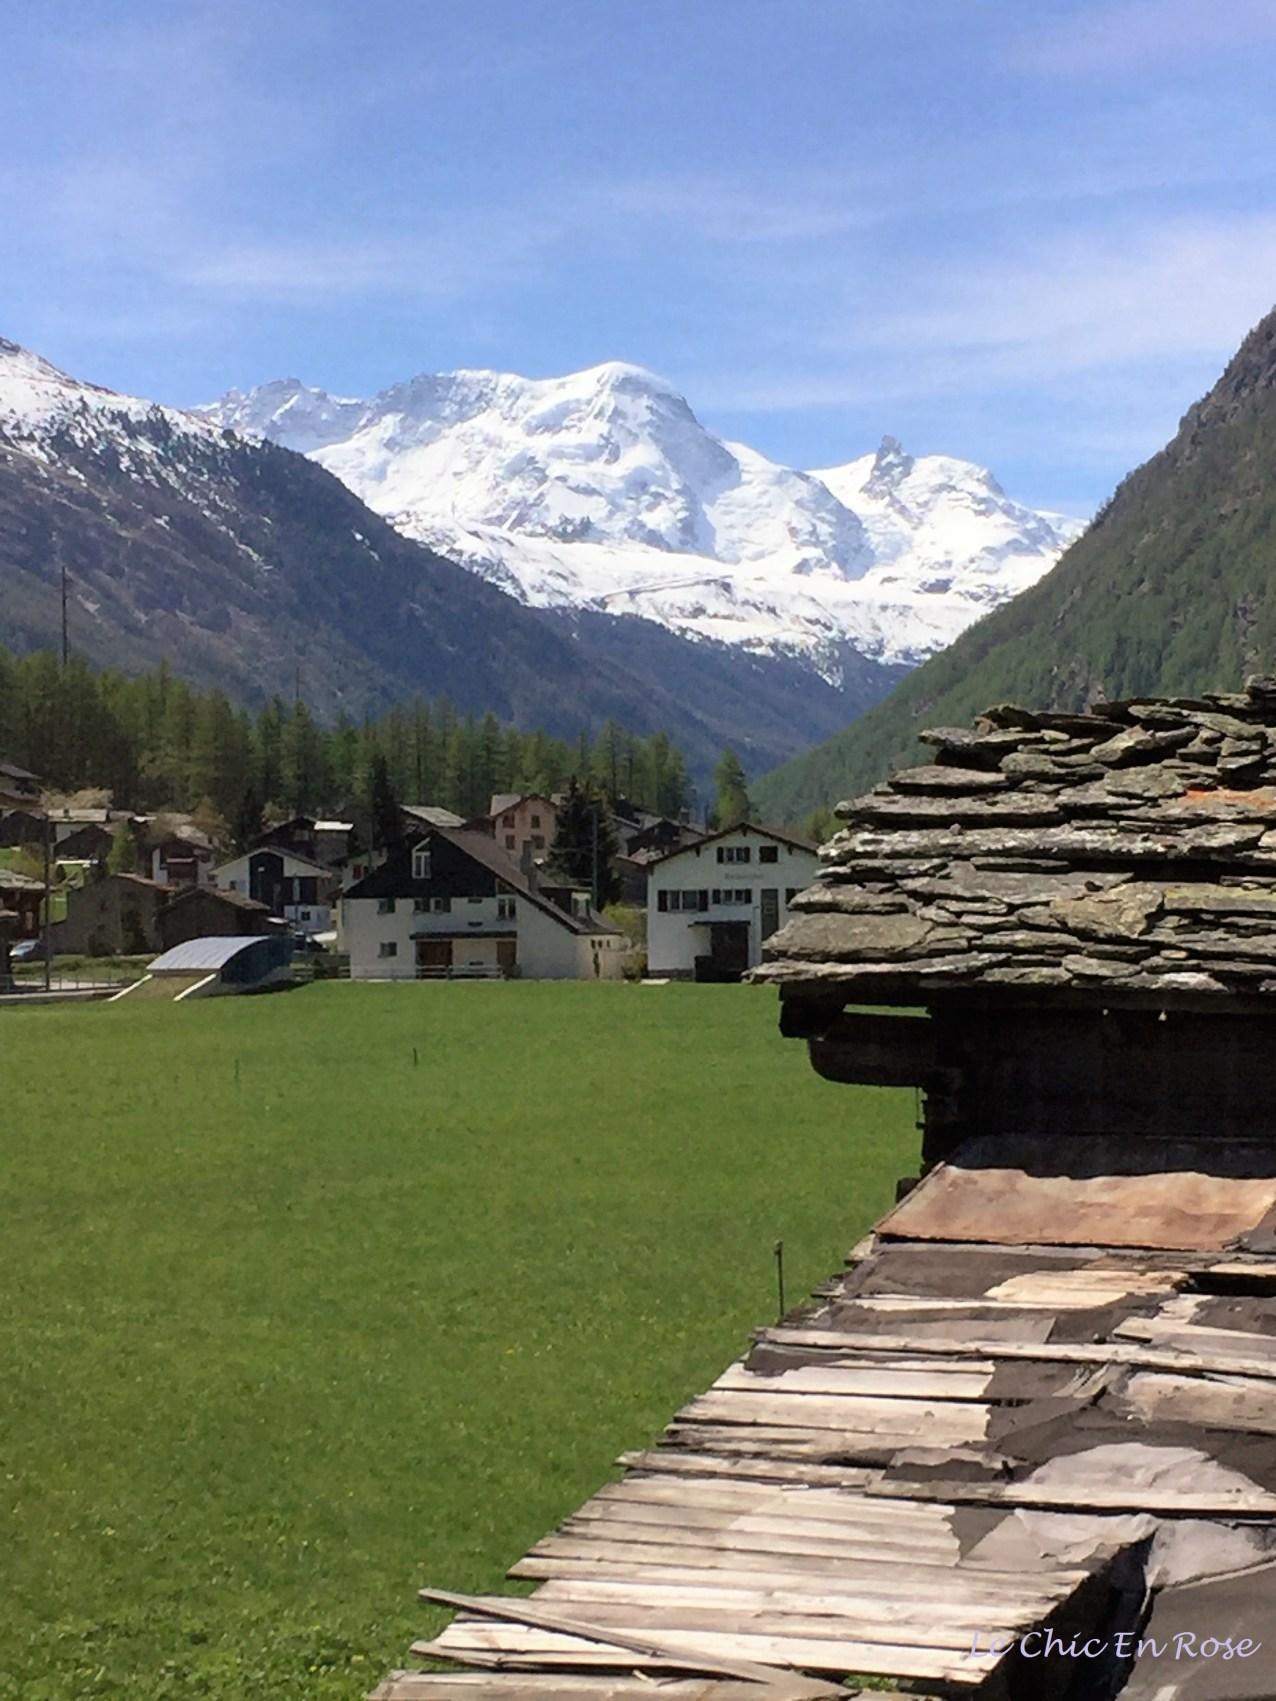 Valley Leading Up To Zermatt Switzerland